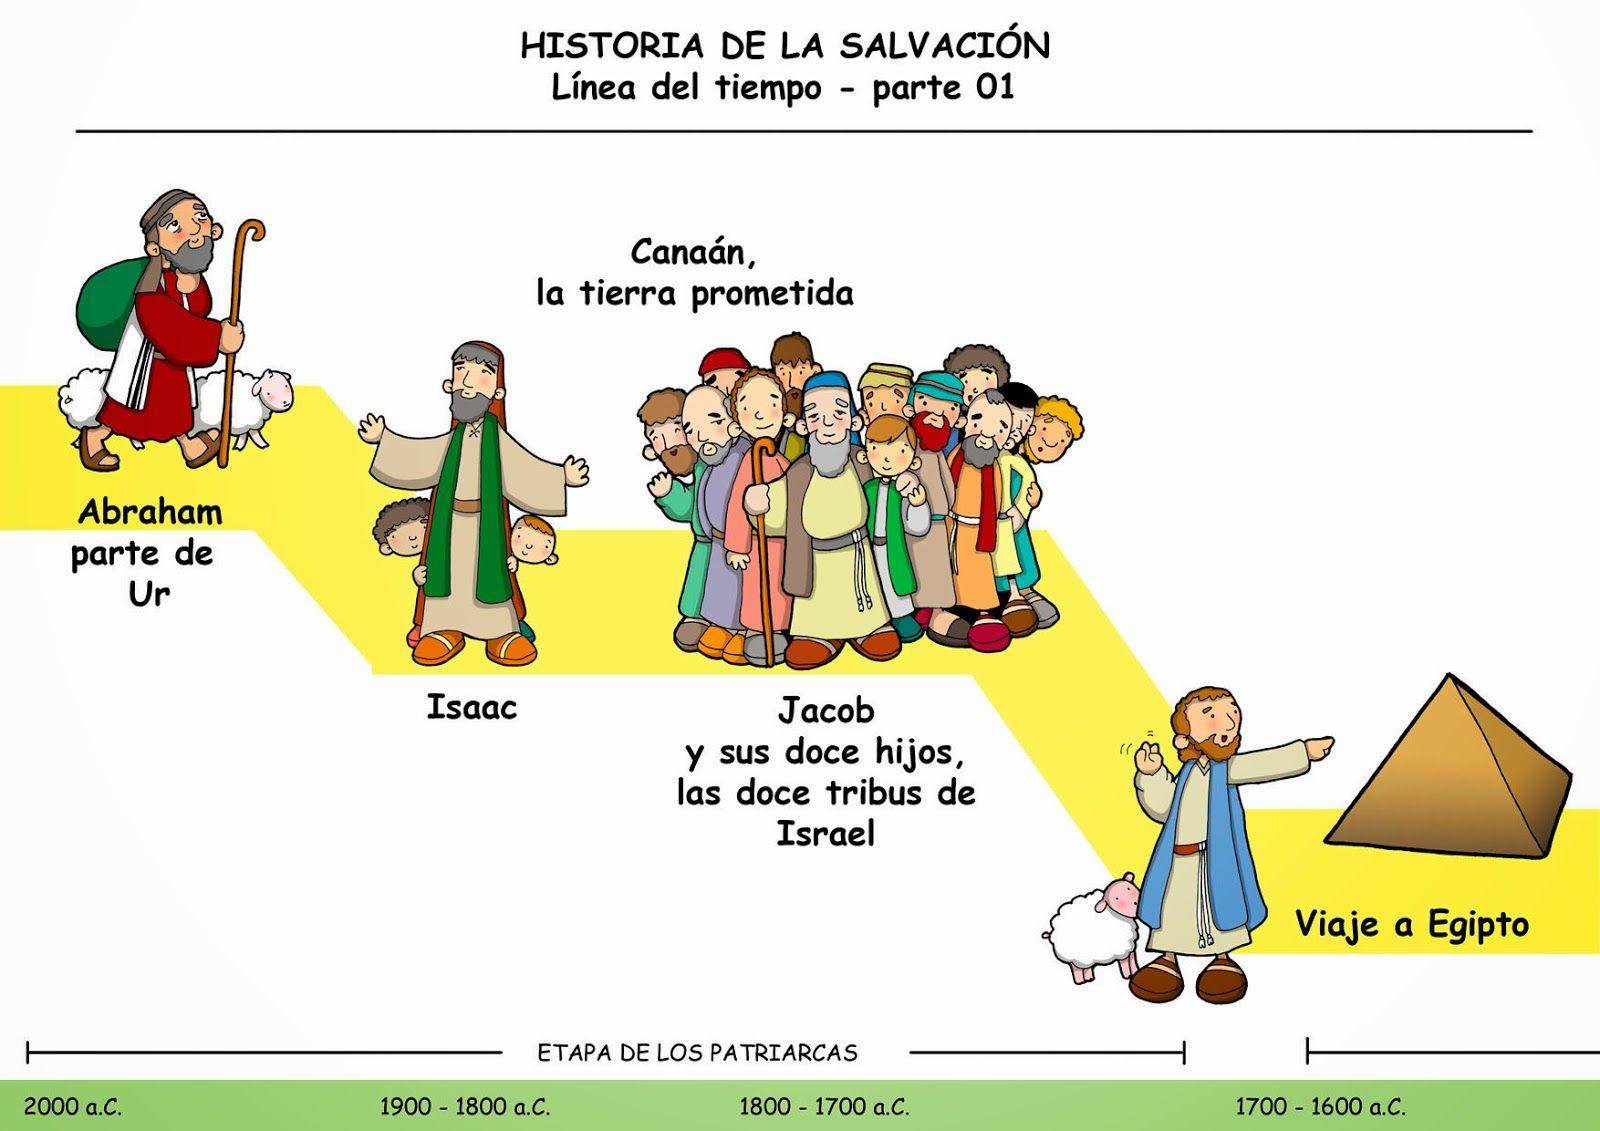 La Historia De La Salvacion Linea Del Tiempo Parte 1 Libros De La Biblia Linea De Tiempo Biblia Linea Del Tiempo